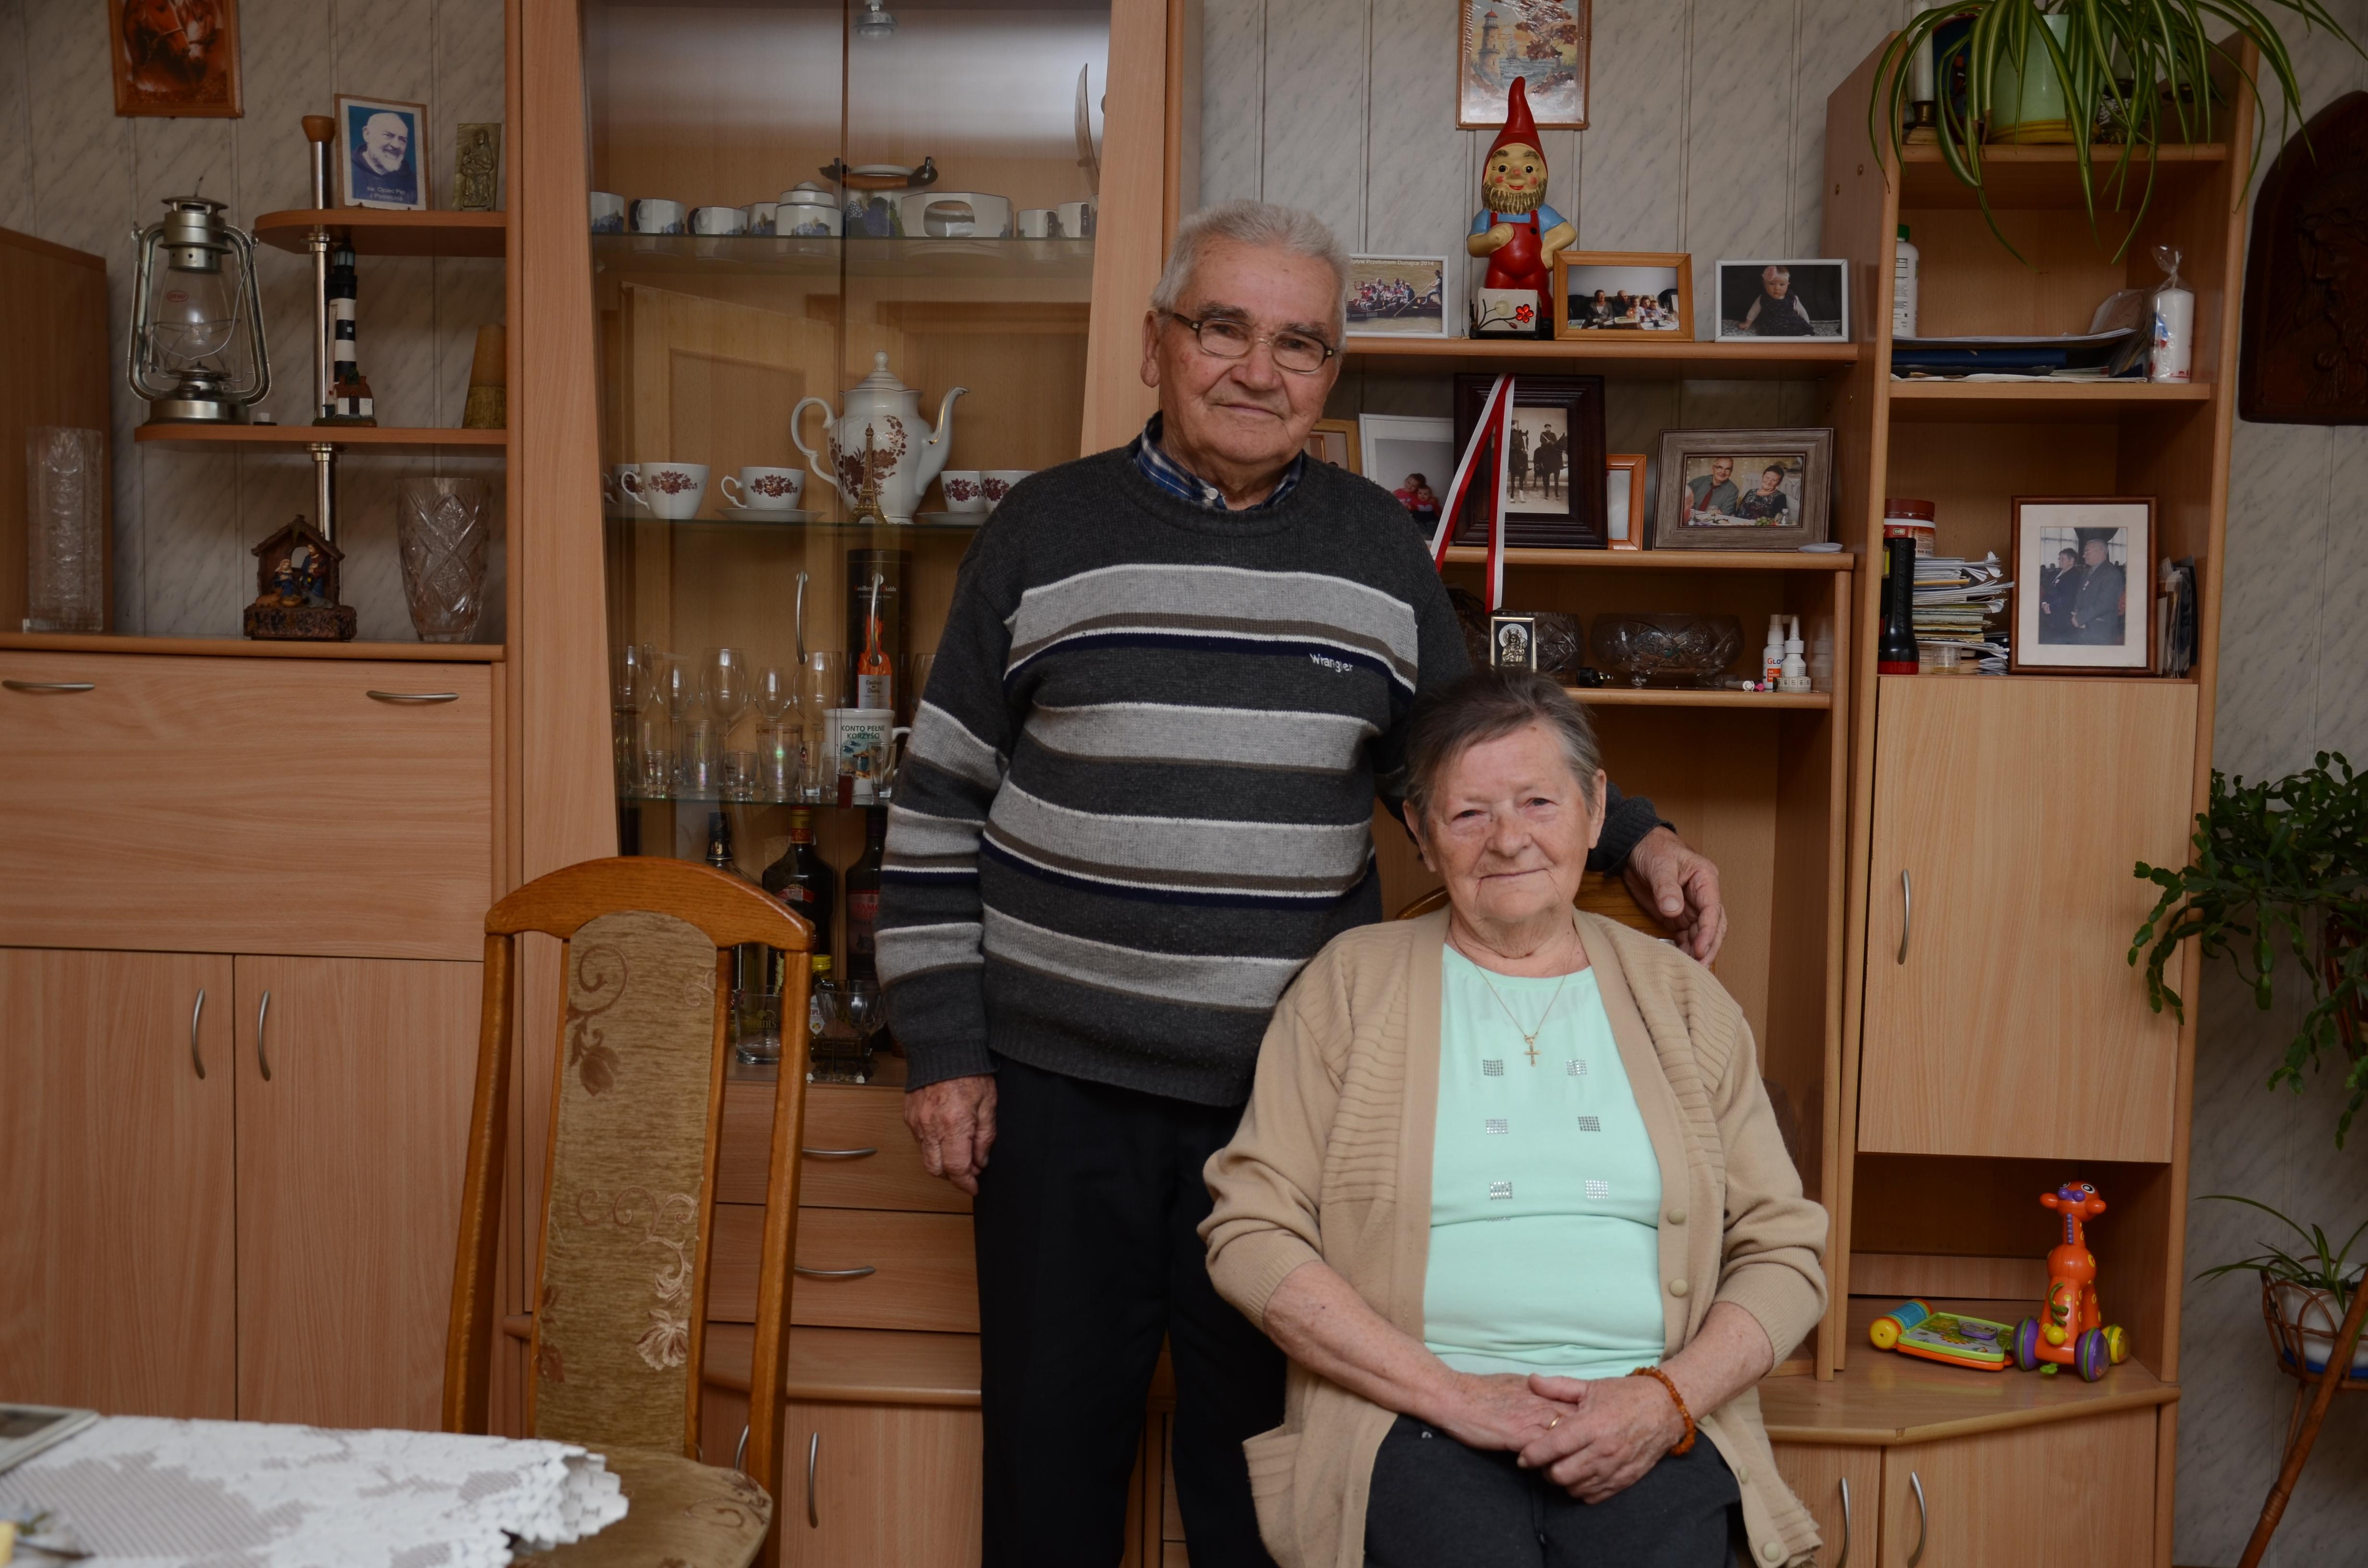 Małżeństwo z Huty Komorowskiej świętowało w Poniedziałek Wielkanocny 62. rocznicę ślubu  - Zdjęcie główne